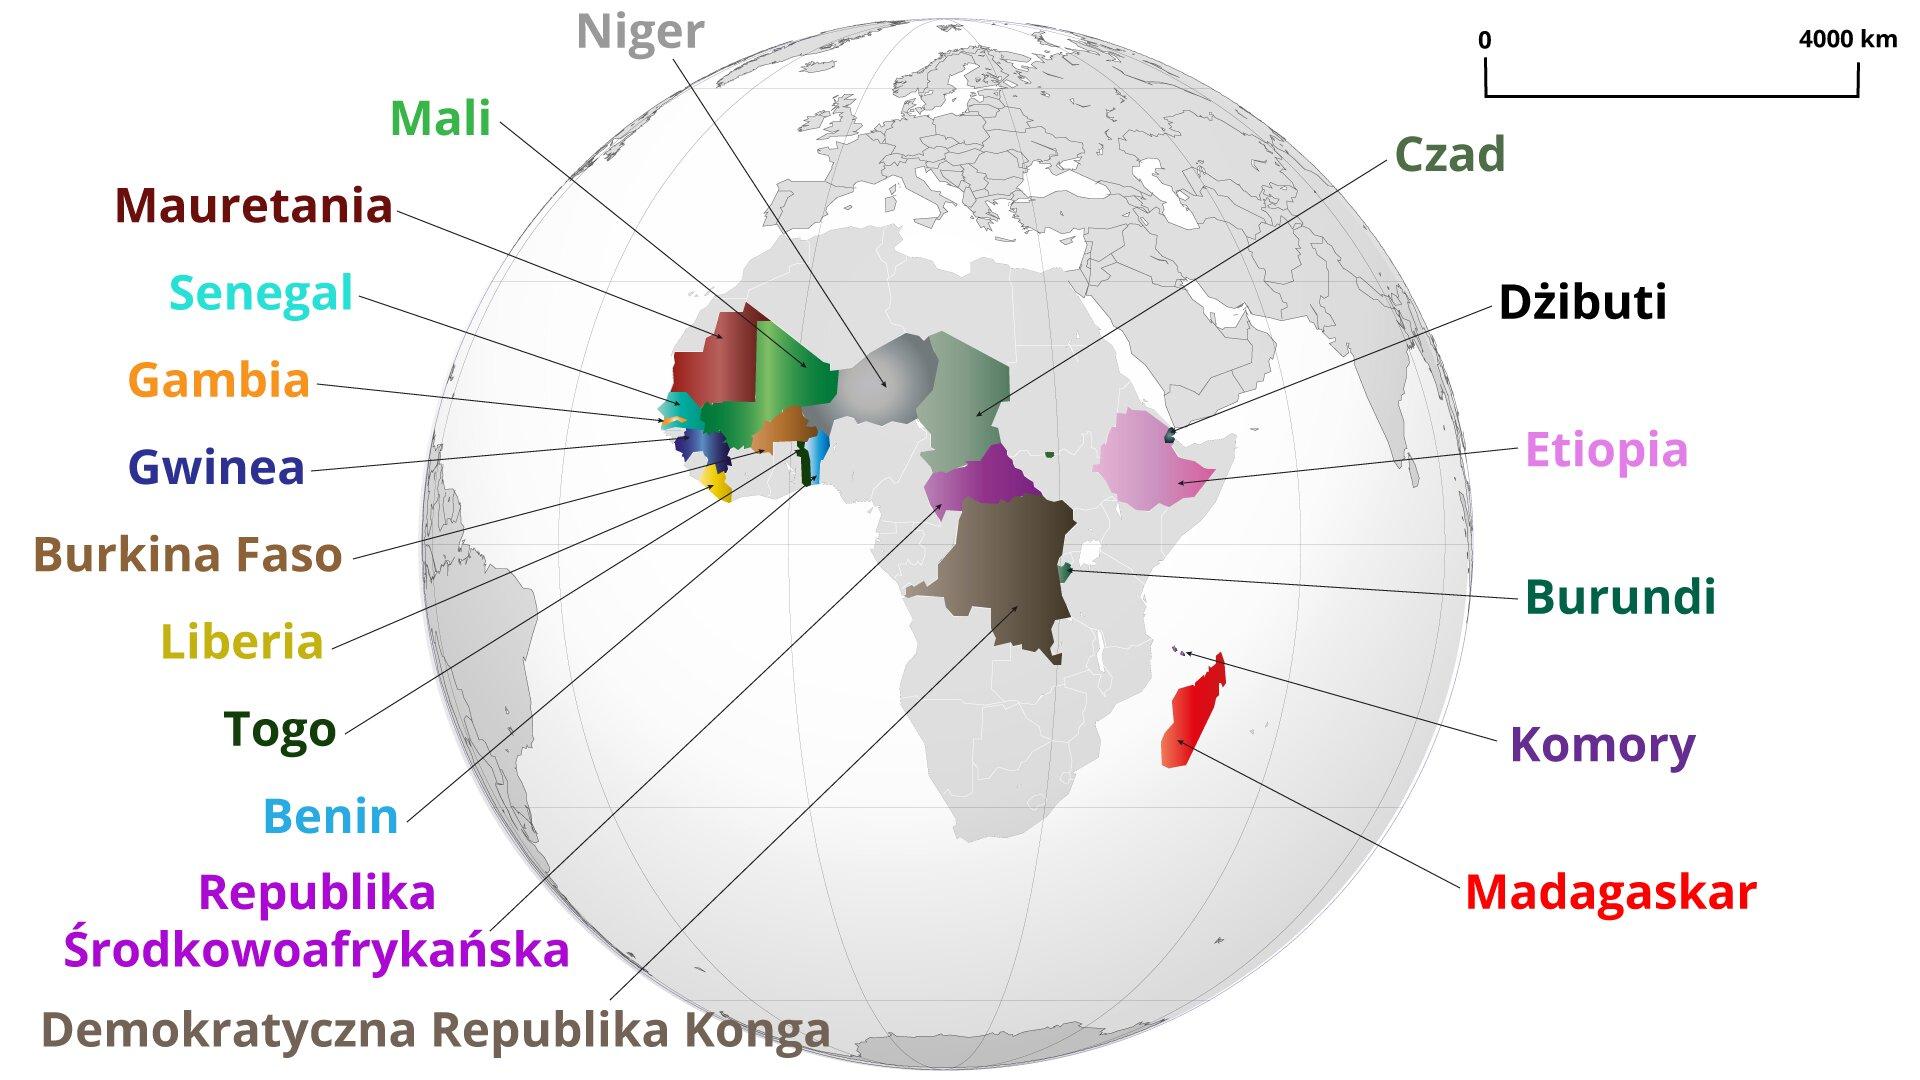 Państwa afrykańskie otrzymujące Oficjalną Pomoc Rozwojową od Francji w2018 r.